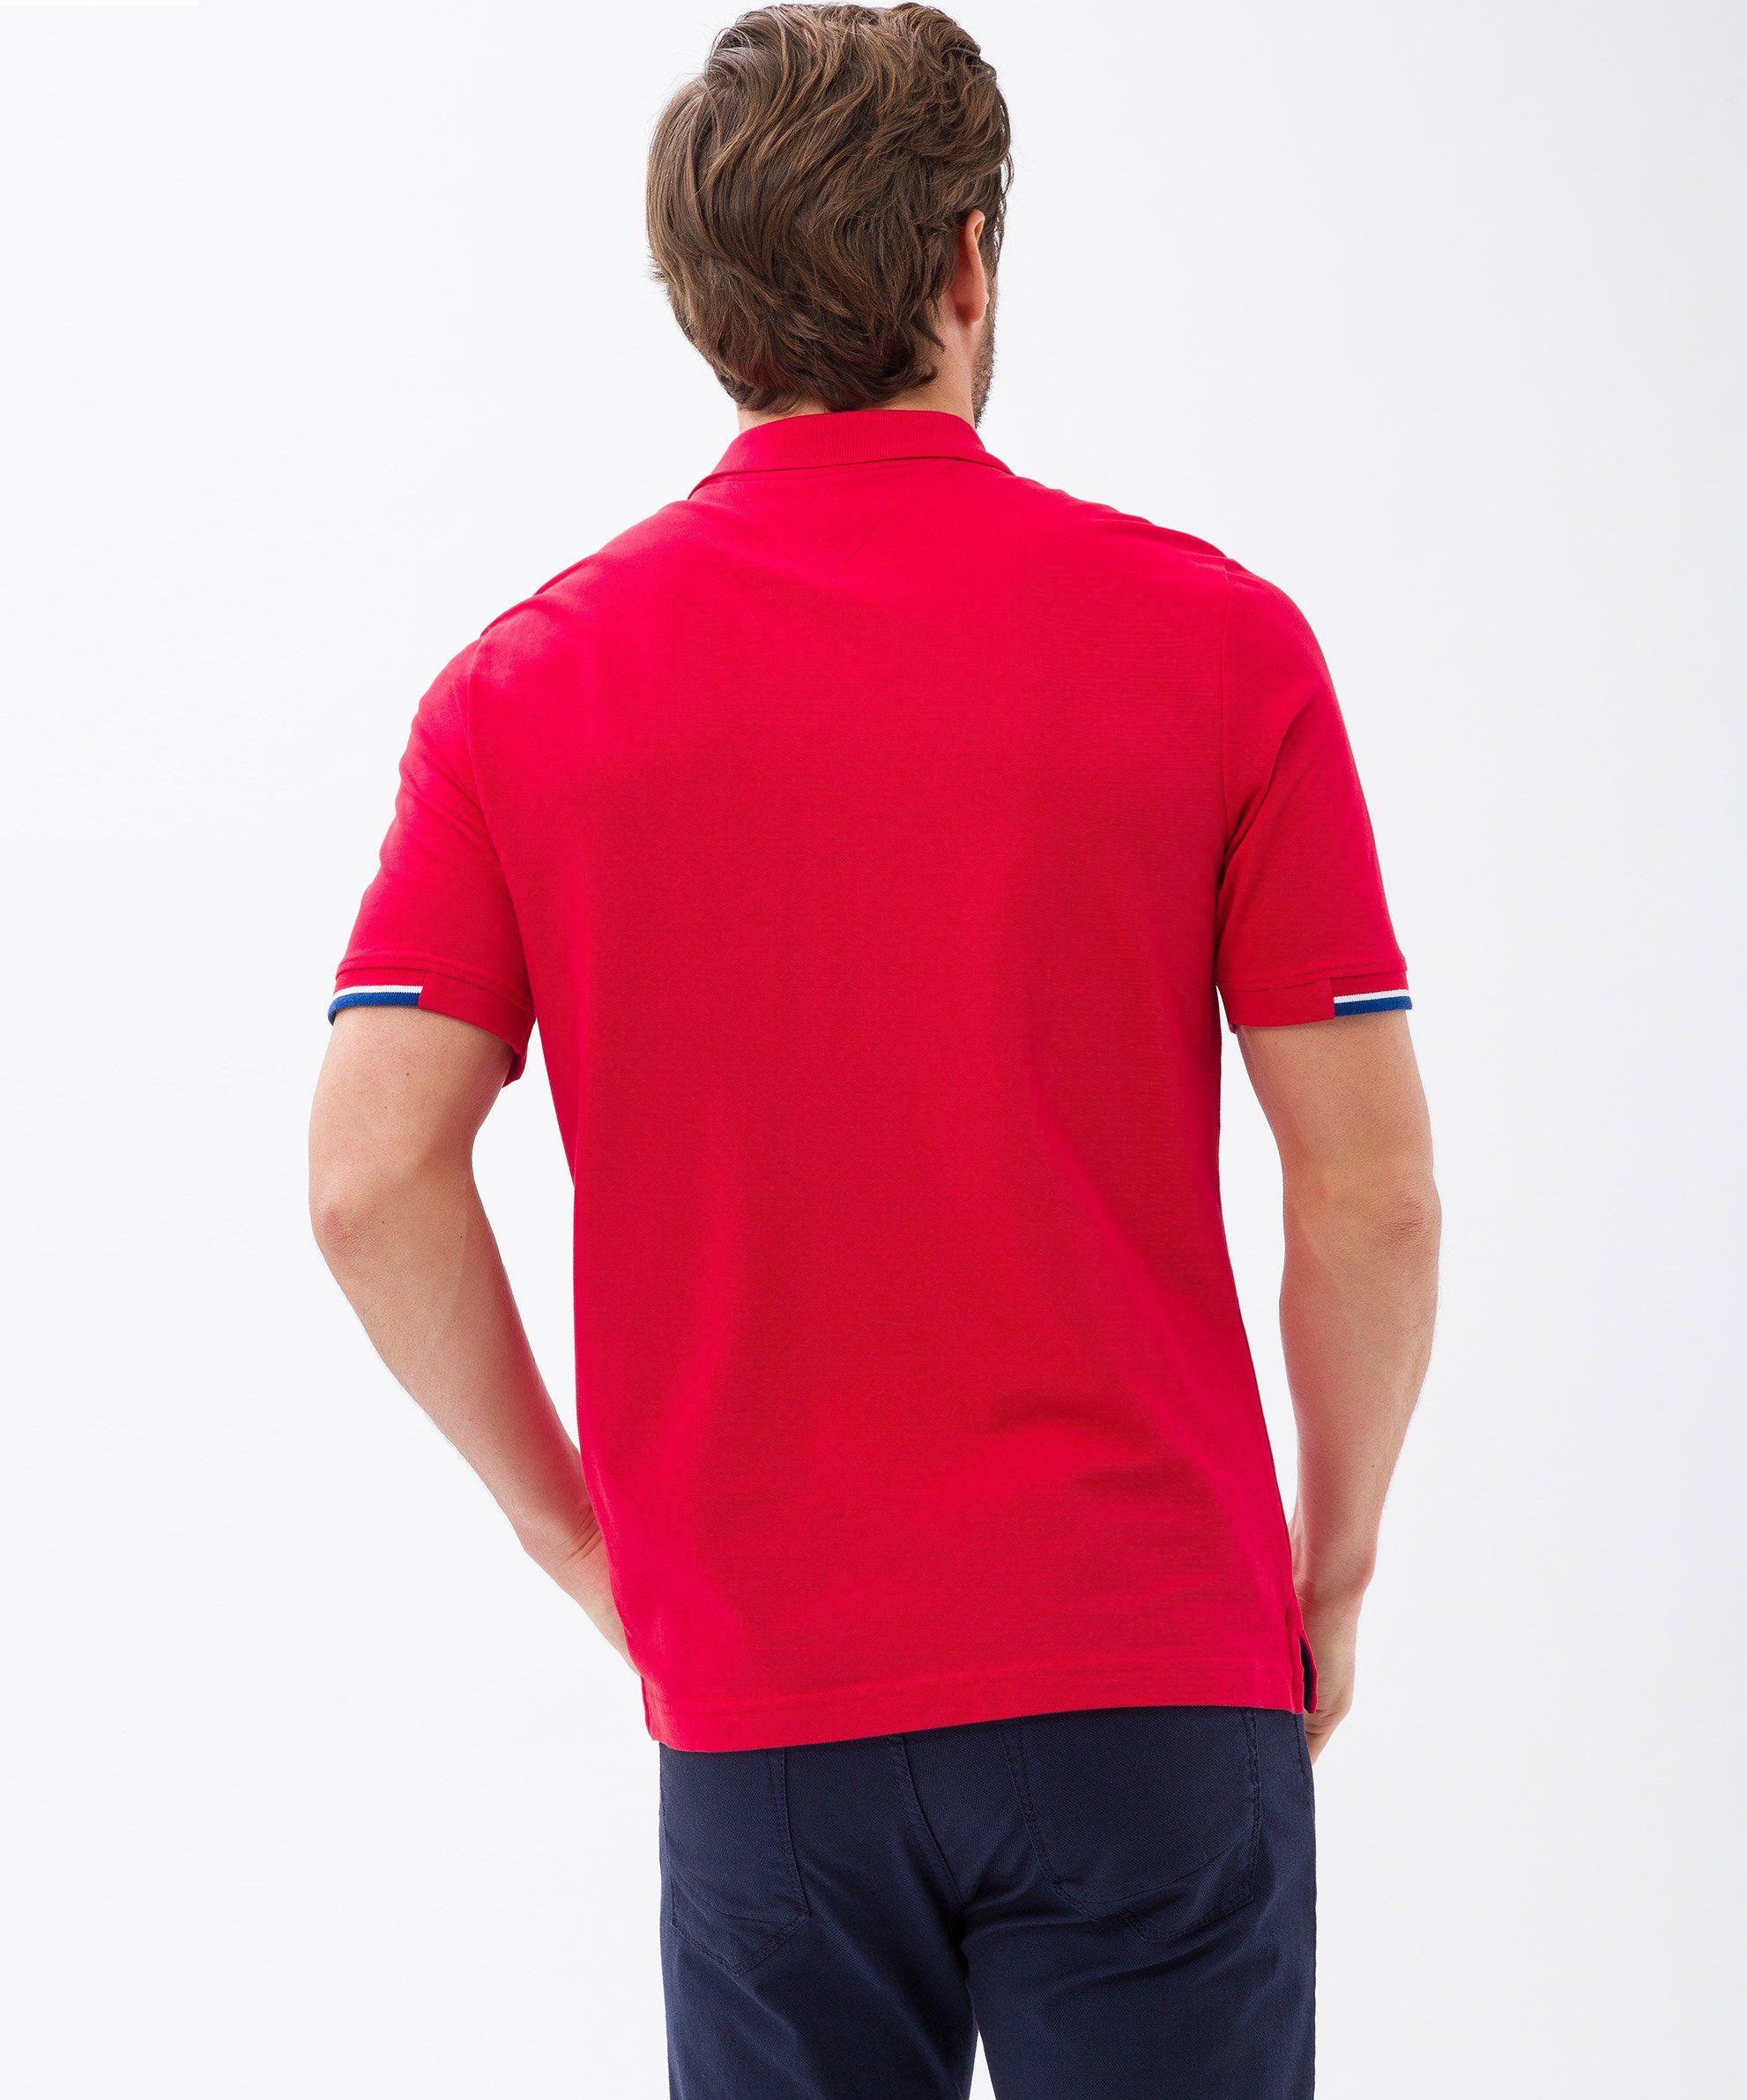 Pino« Poloshirt Kaufen Online Brax »style wX8n0OPk